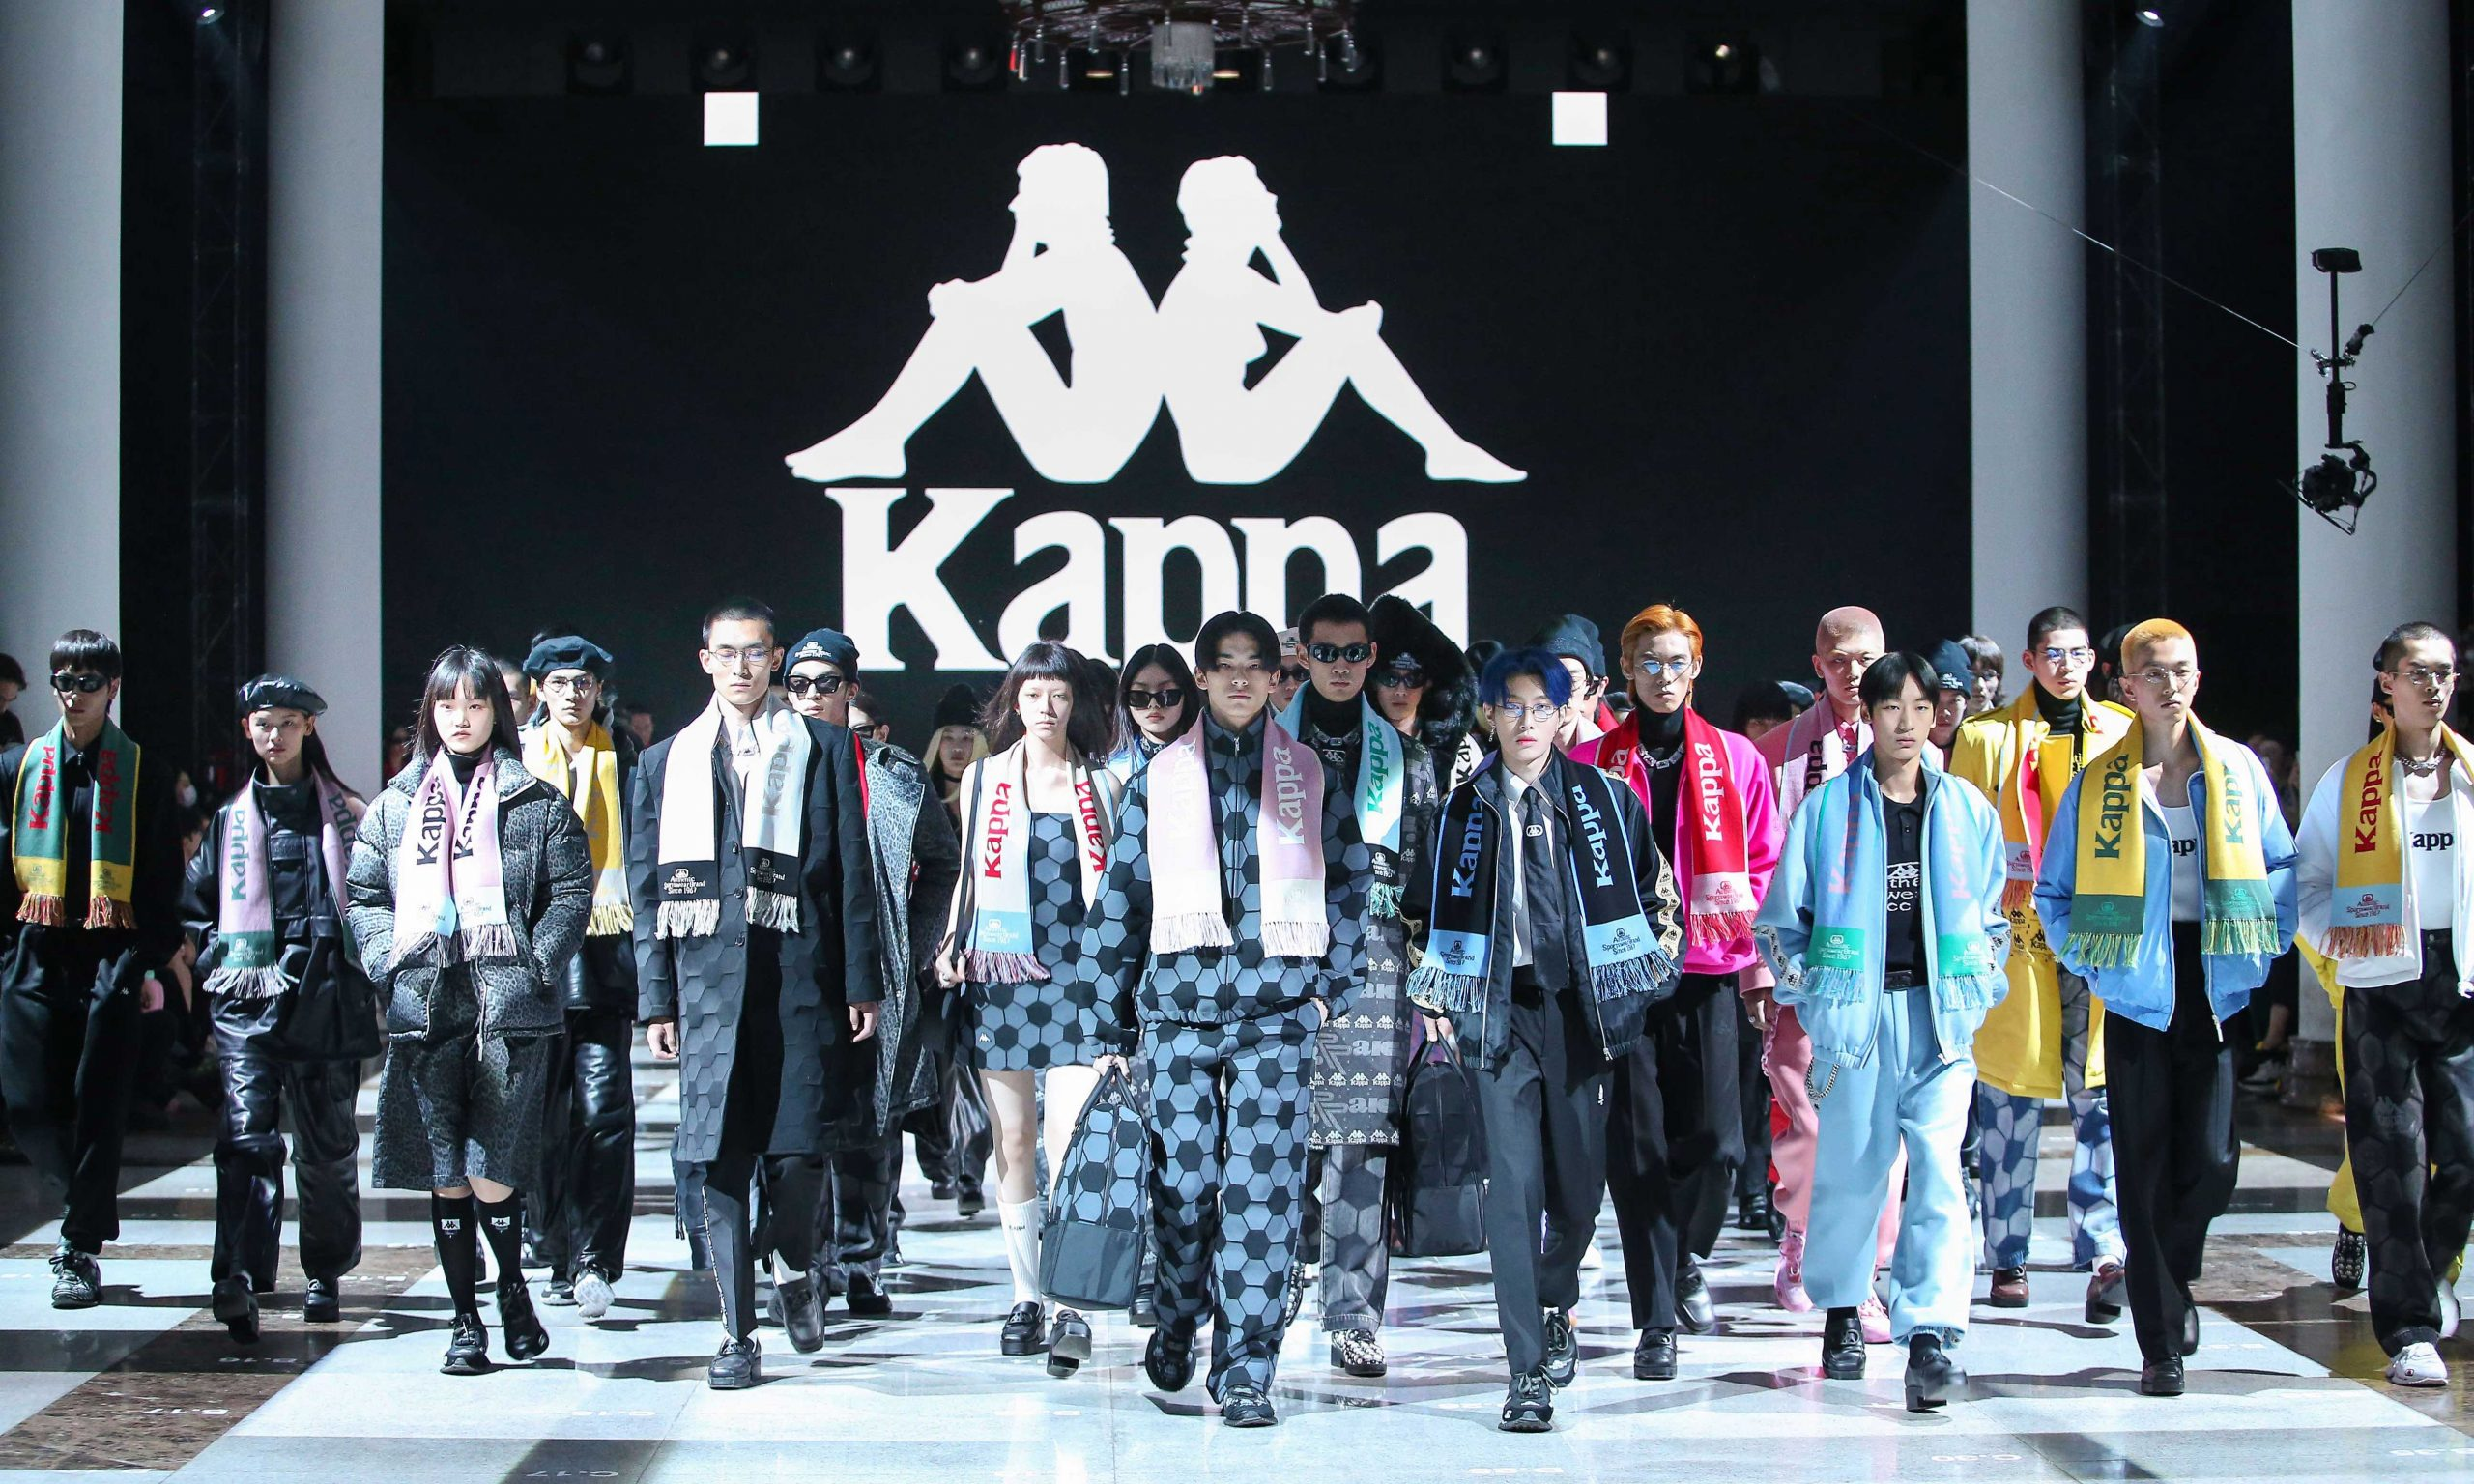 从开辟运动装到运动时装,Kappa 中国首秀在新设计语境下表达了什么??